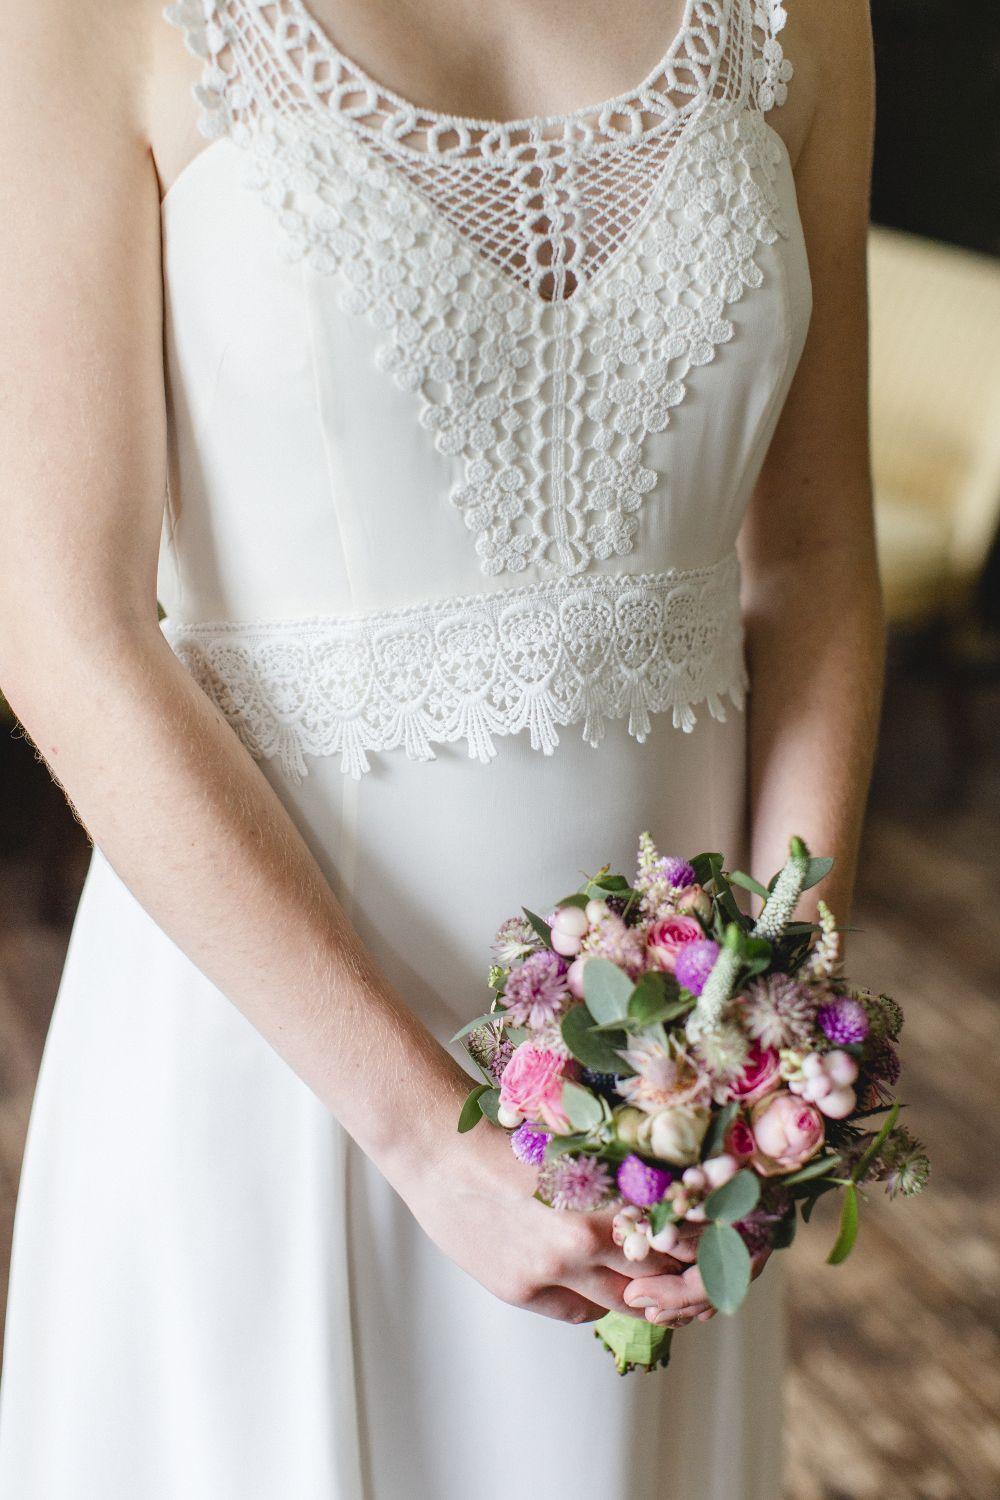 Boho-Stil Brautkleid mit Spitze: Die wunderschöne Macramé-Spitze ...